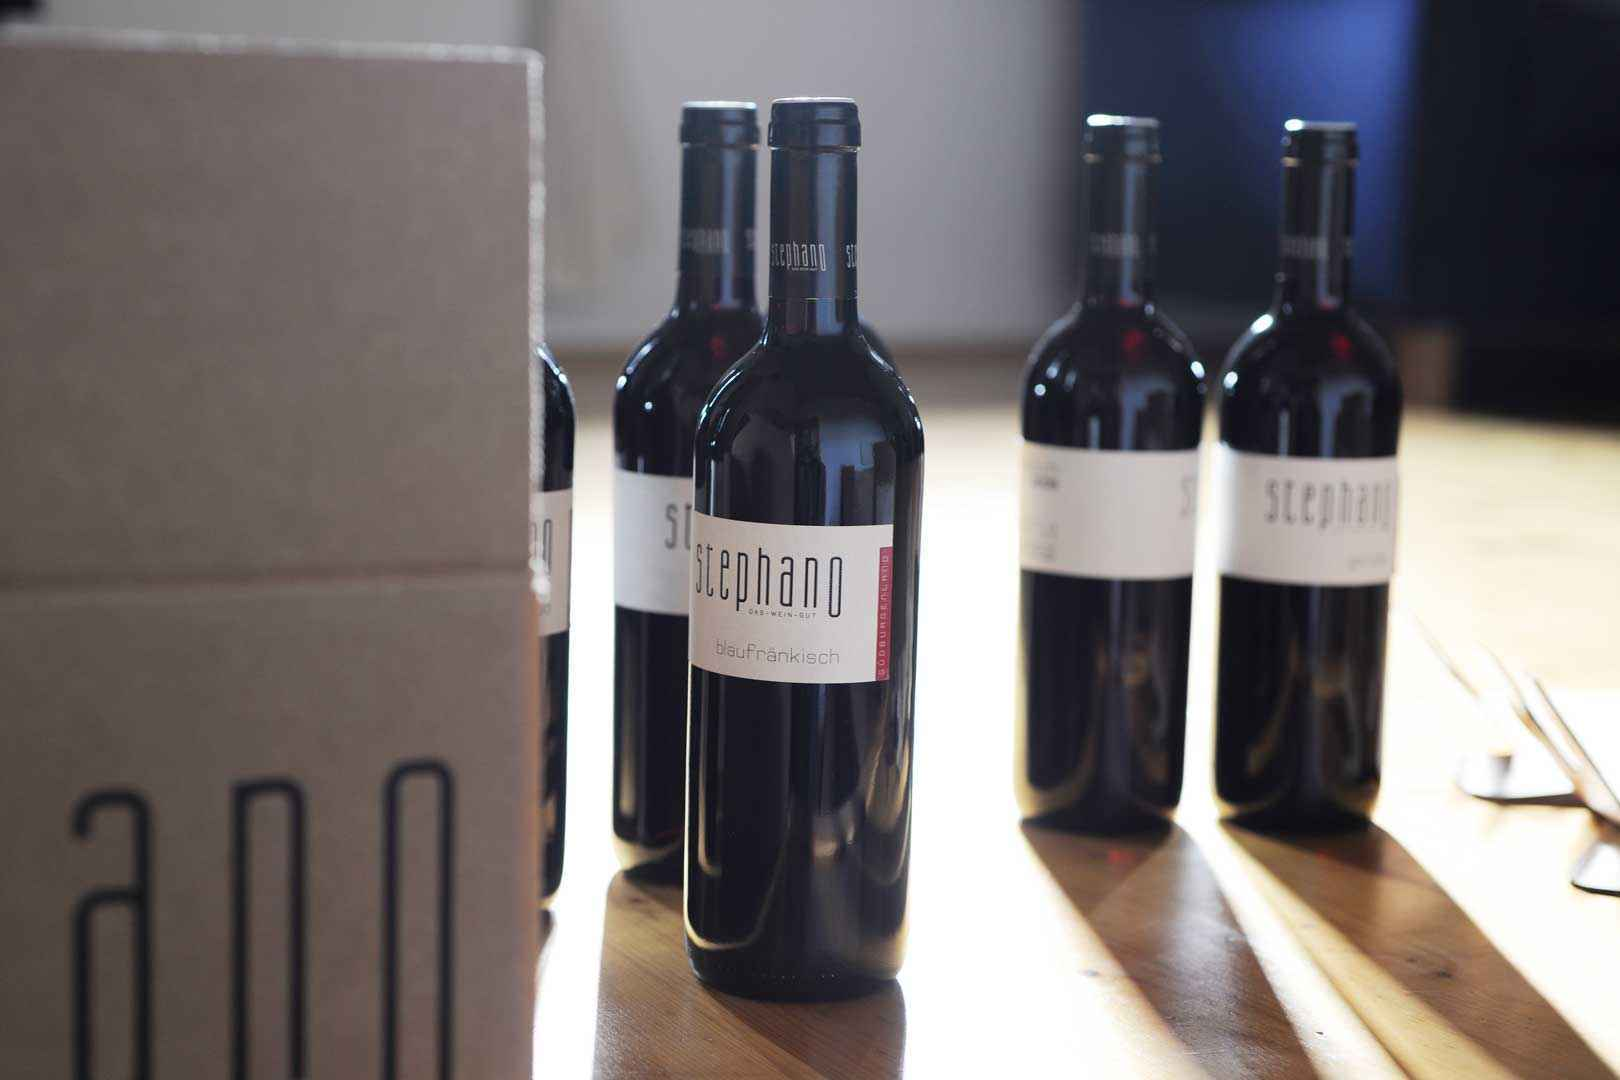 Go to Weinkritik: Weingut StephanO, GONZALO Blaufränkisch -Reserve 2012, Südburgenland, Österreich